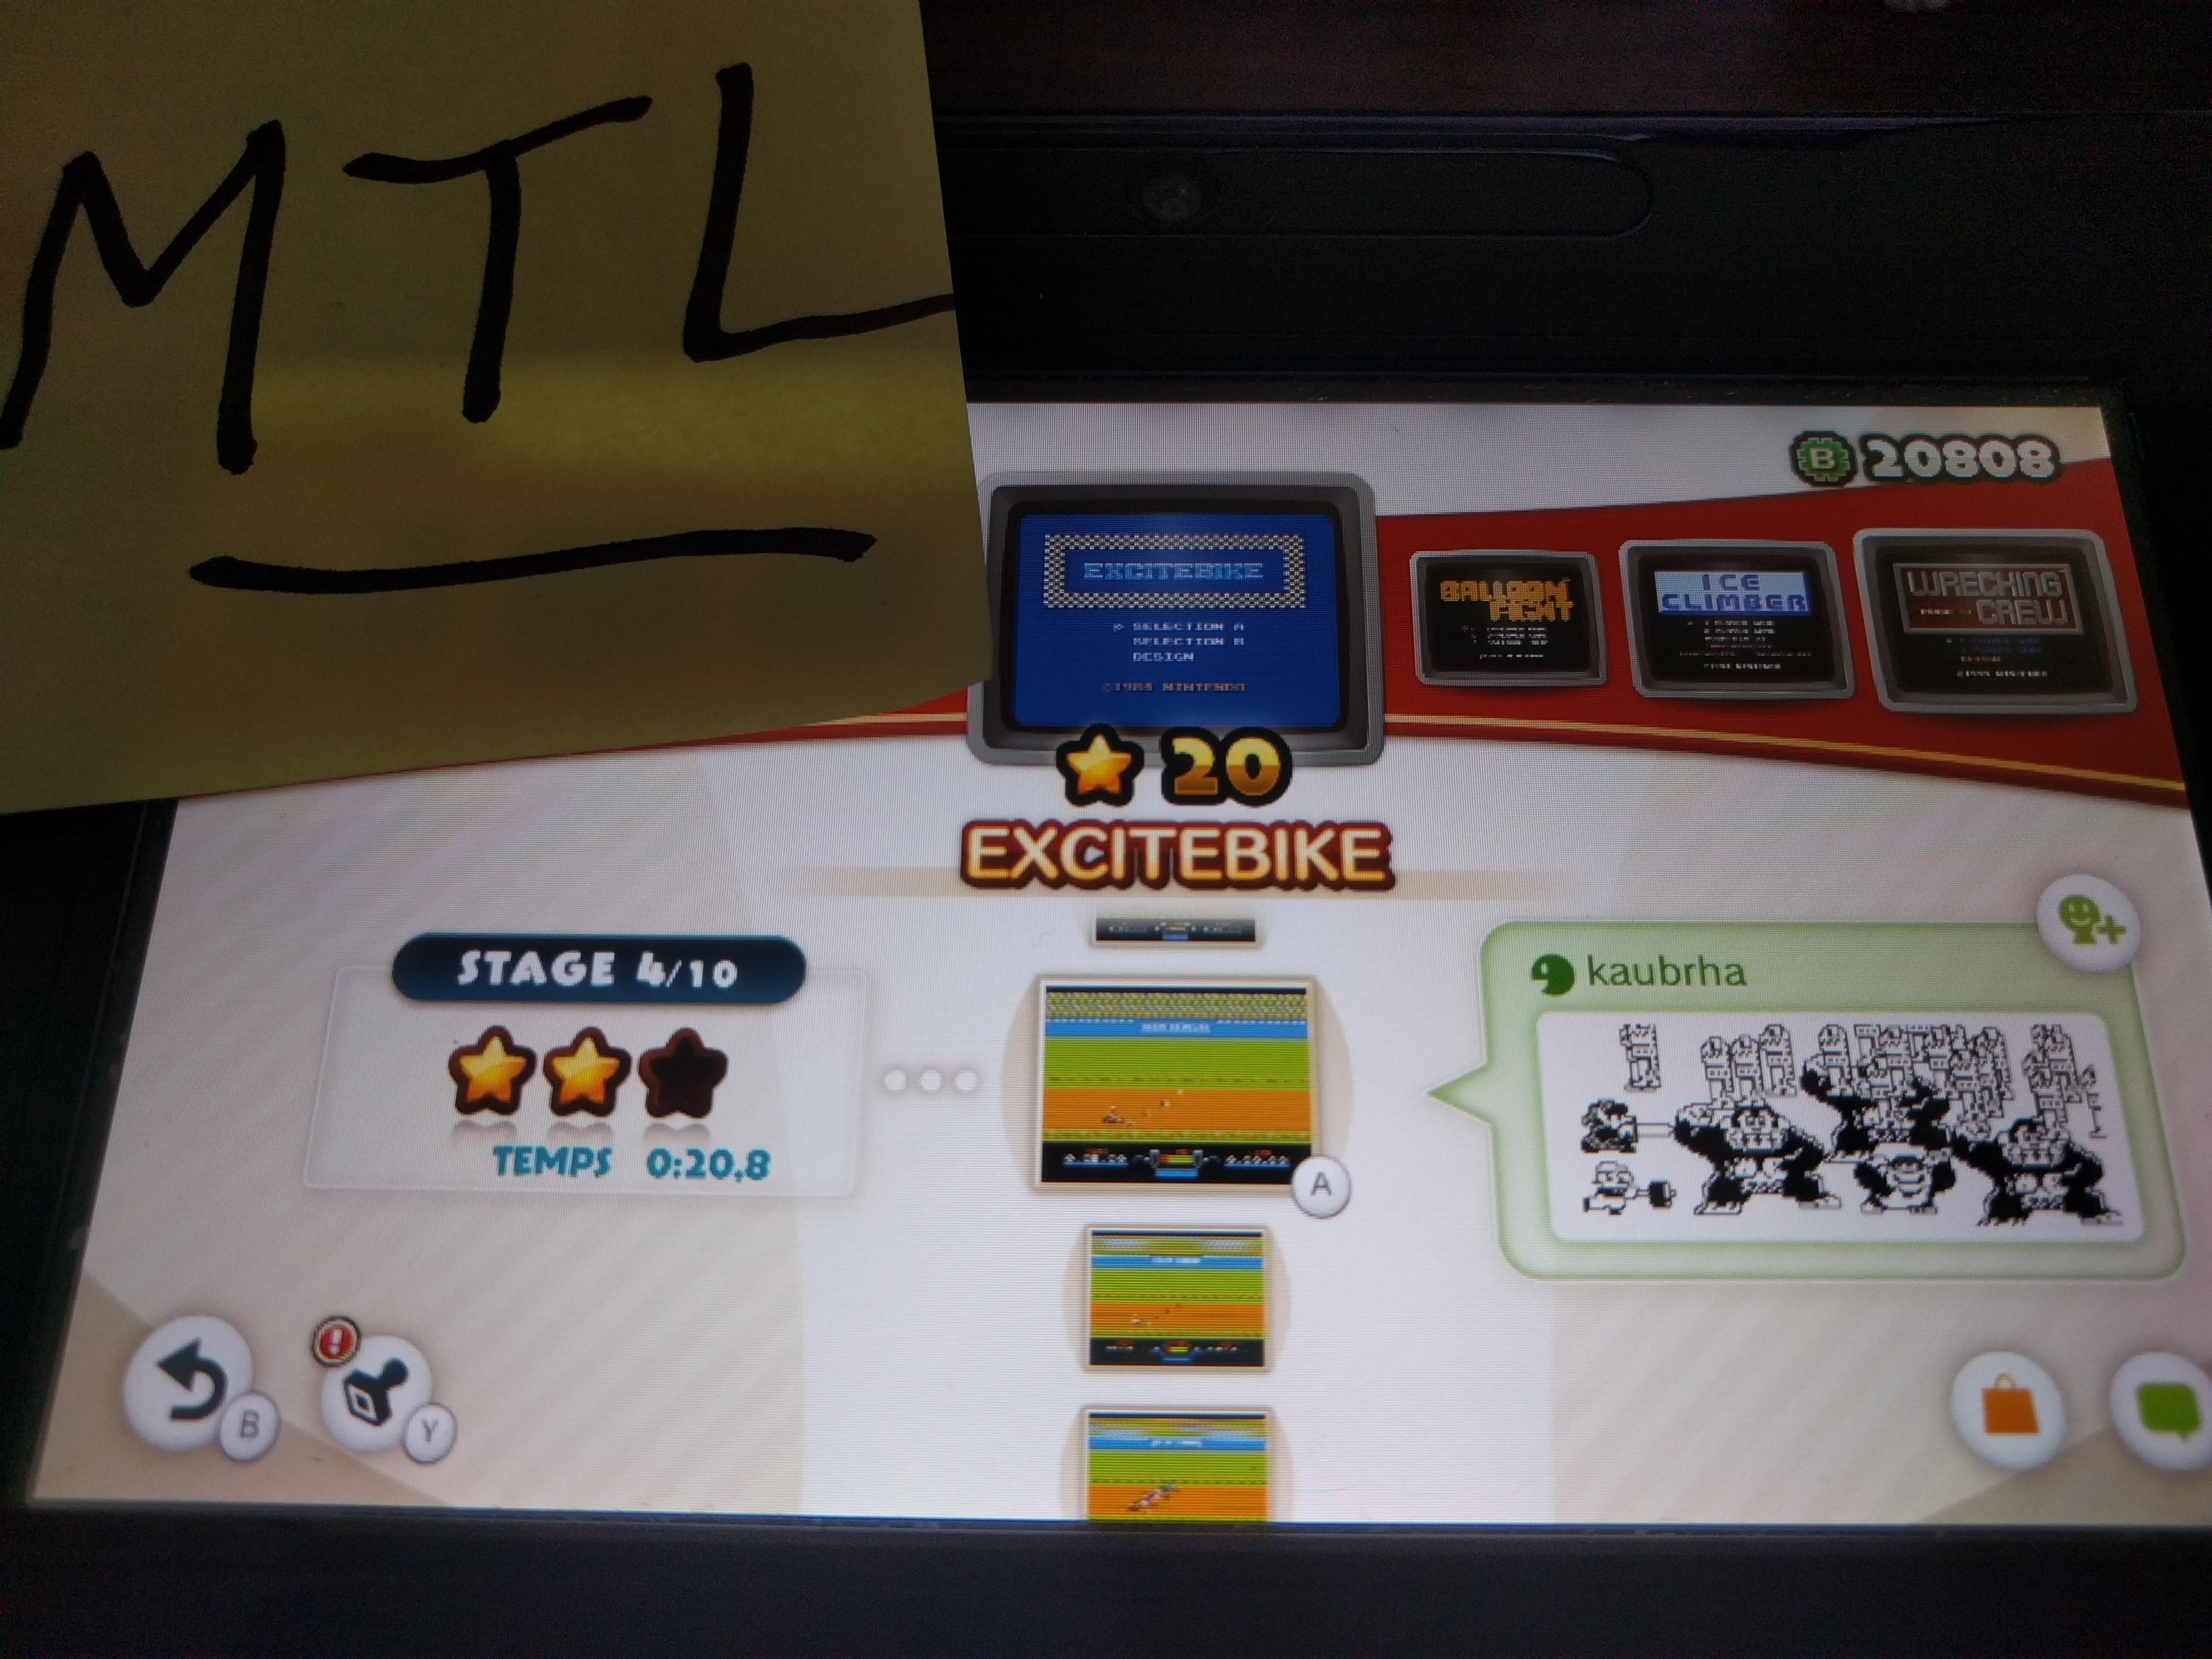 Mantalow: NES Remix: Excitebike: Stage 4 (Wii U) 0:00:20.8 points on 2016-06-09 02:07:06